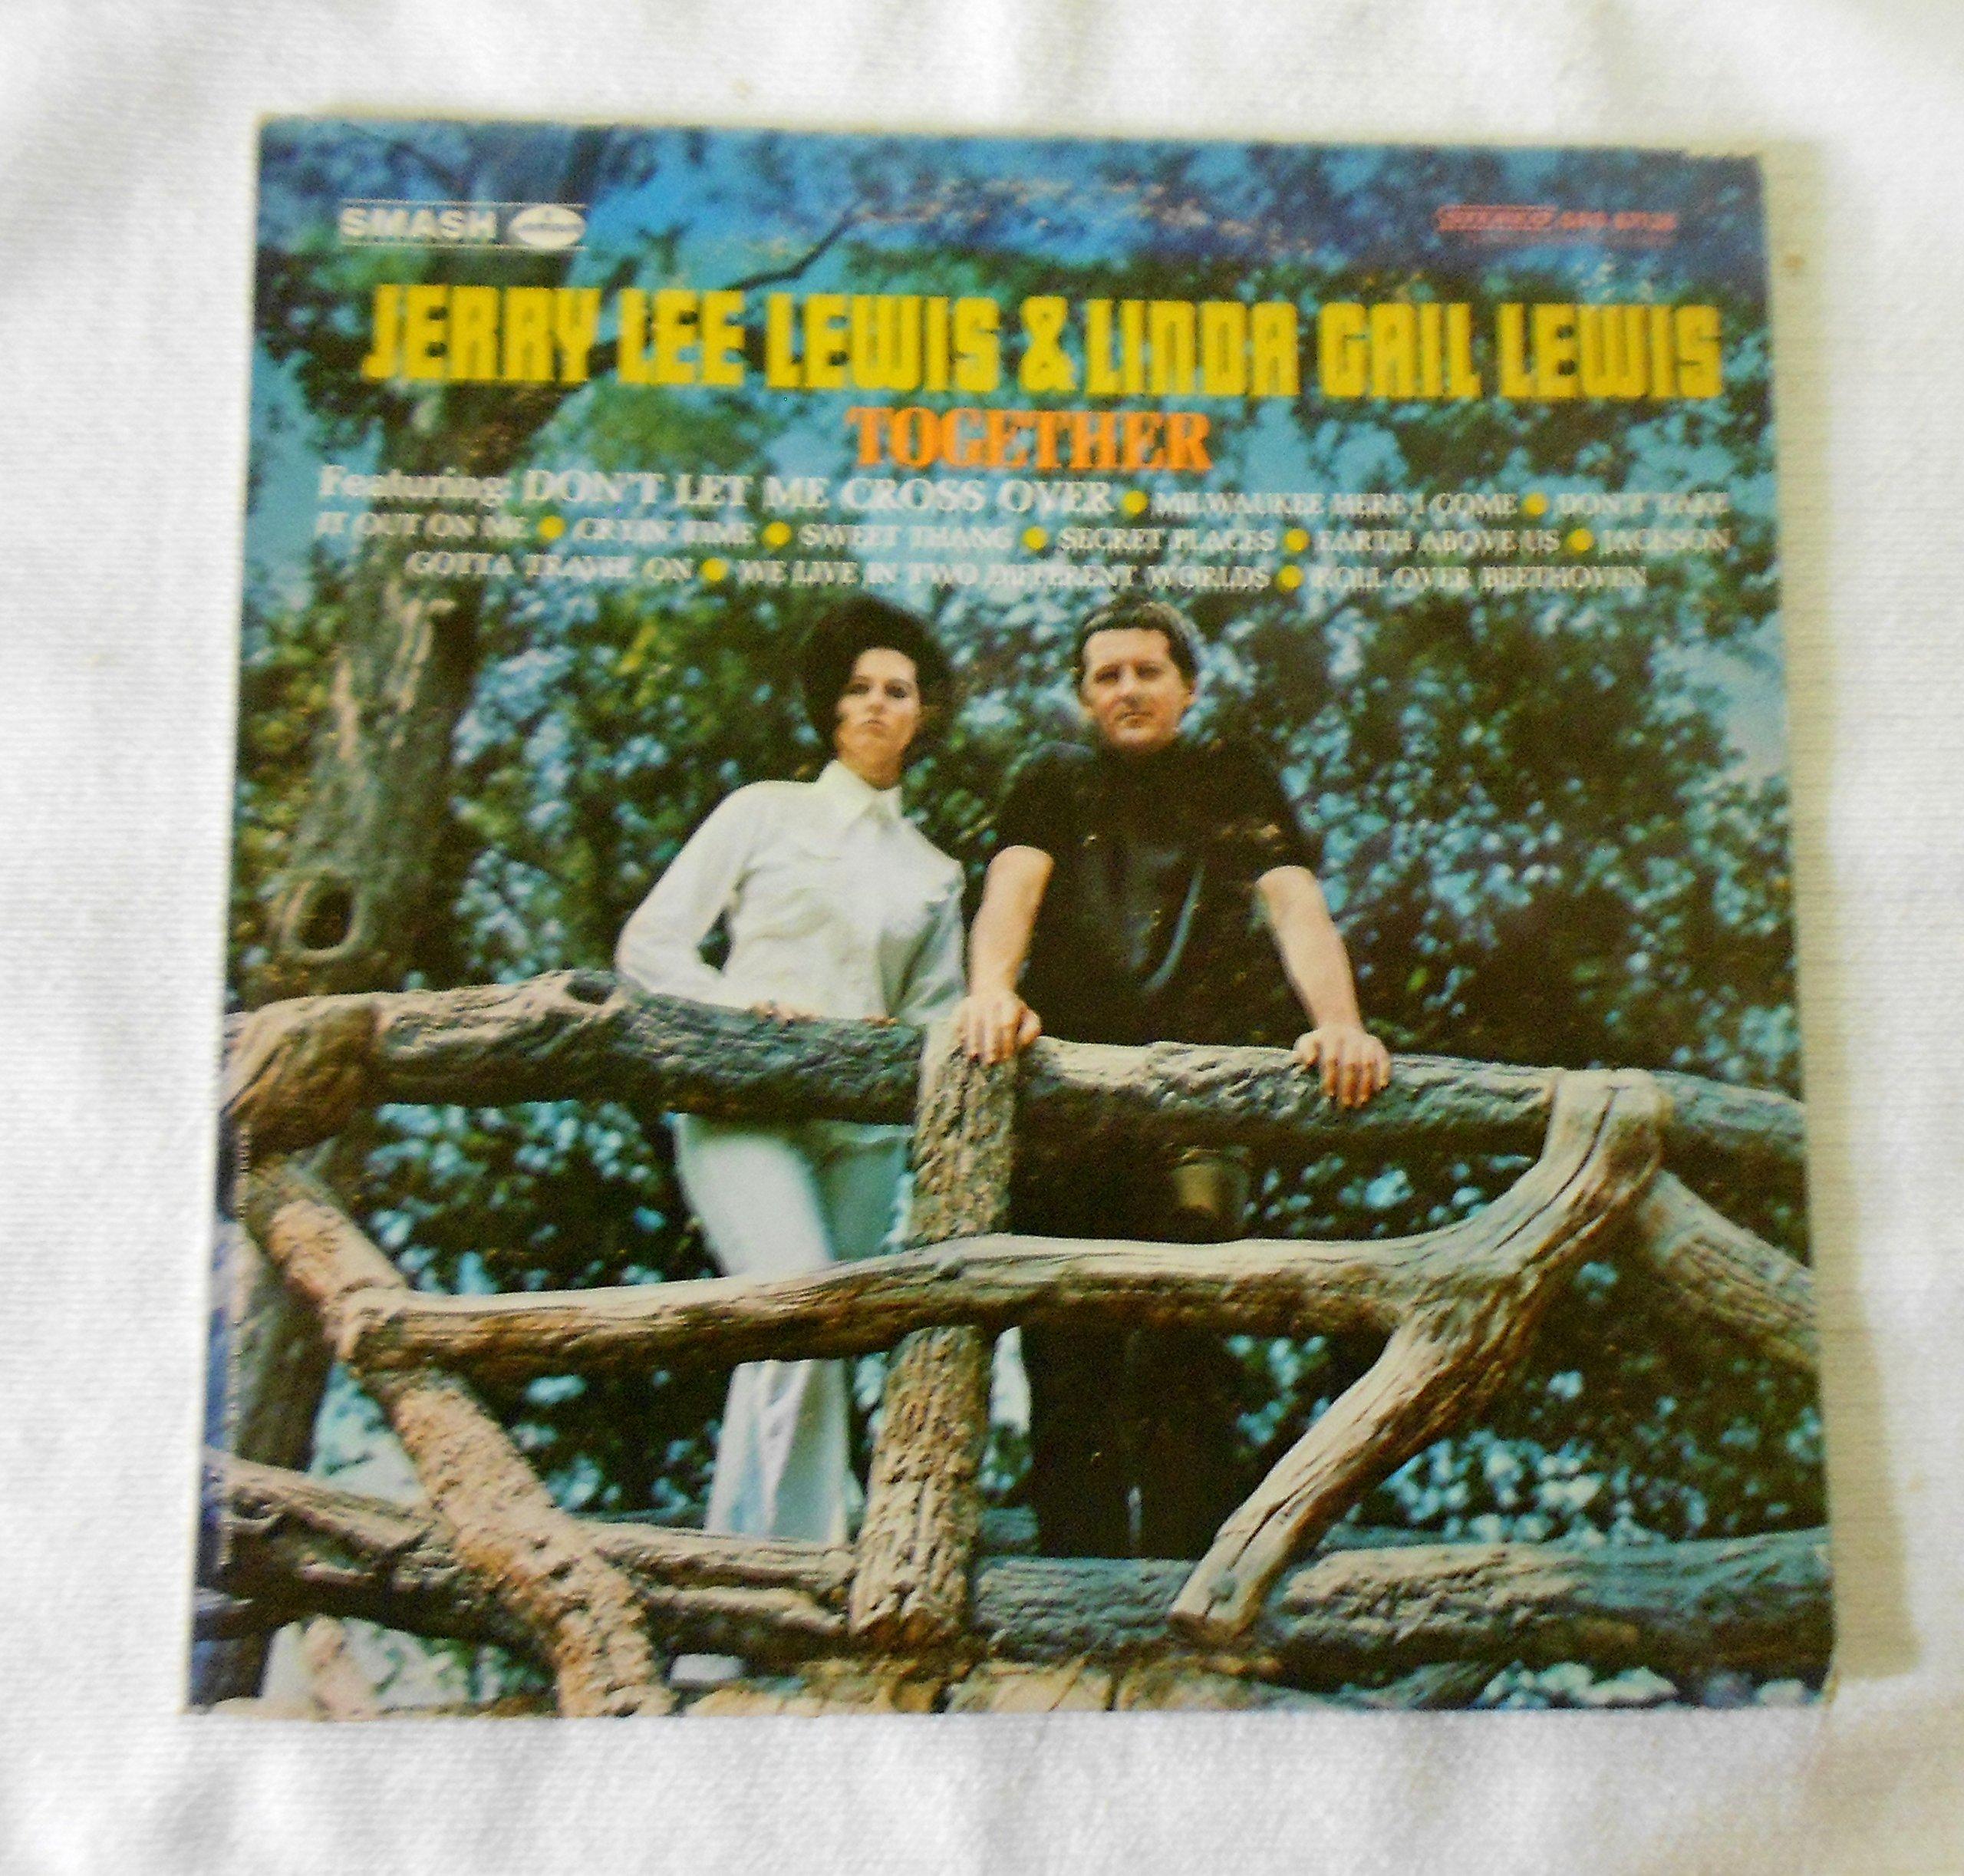 Jerry Lee Lewis & Linda Gail Lewis / Together